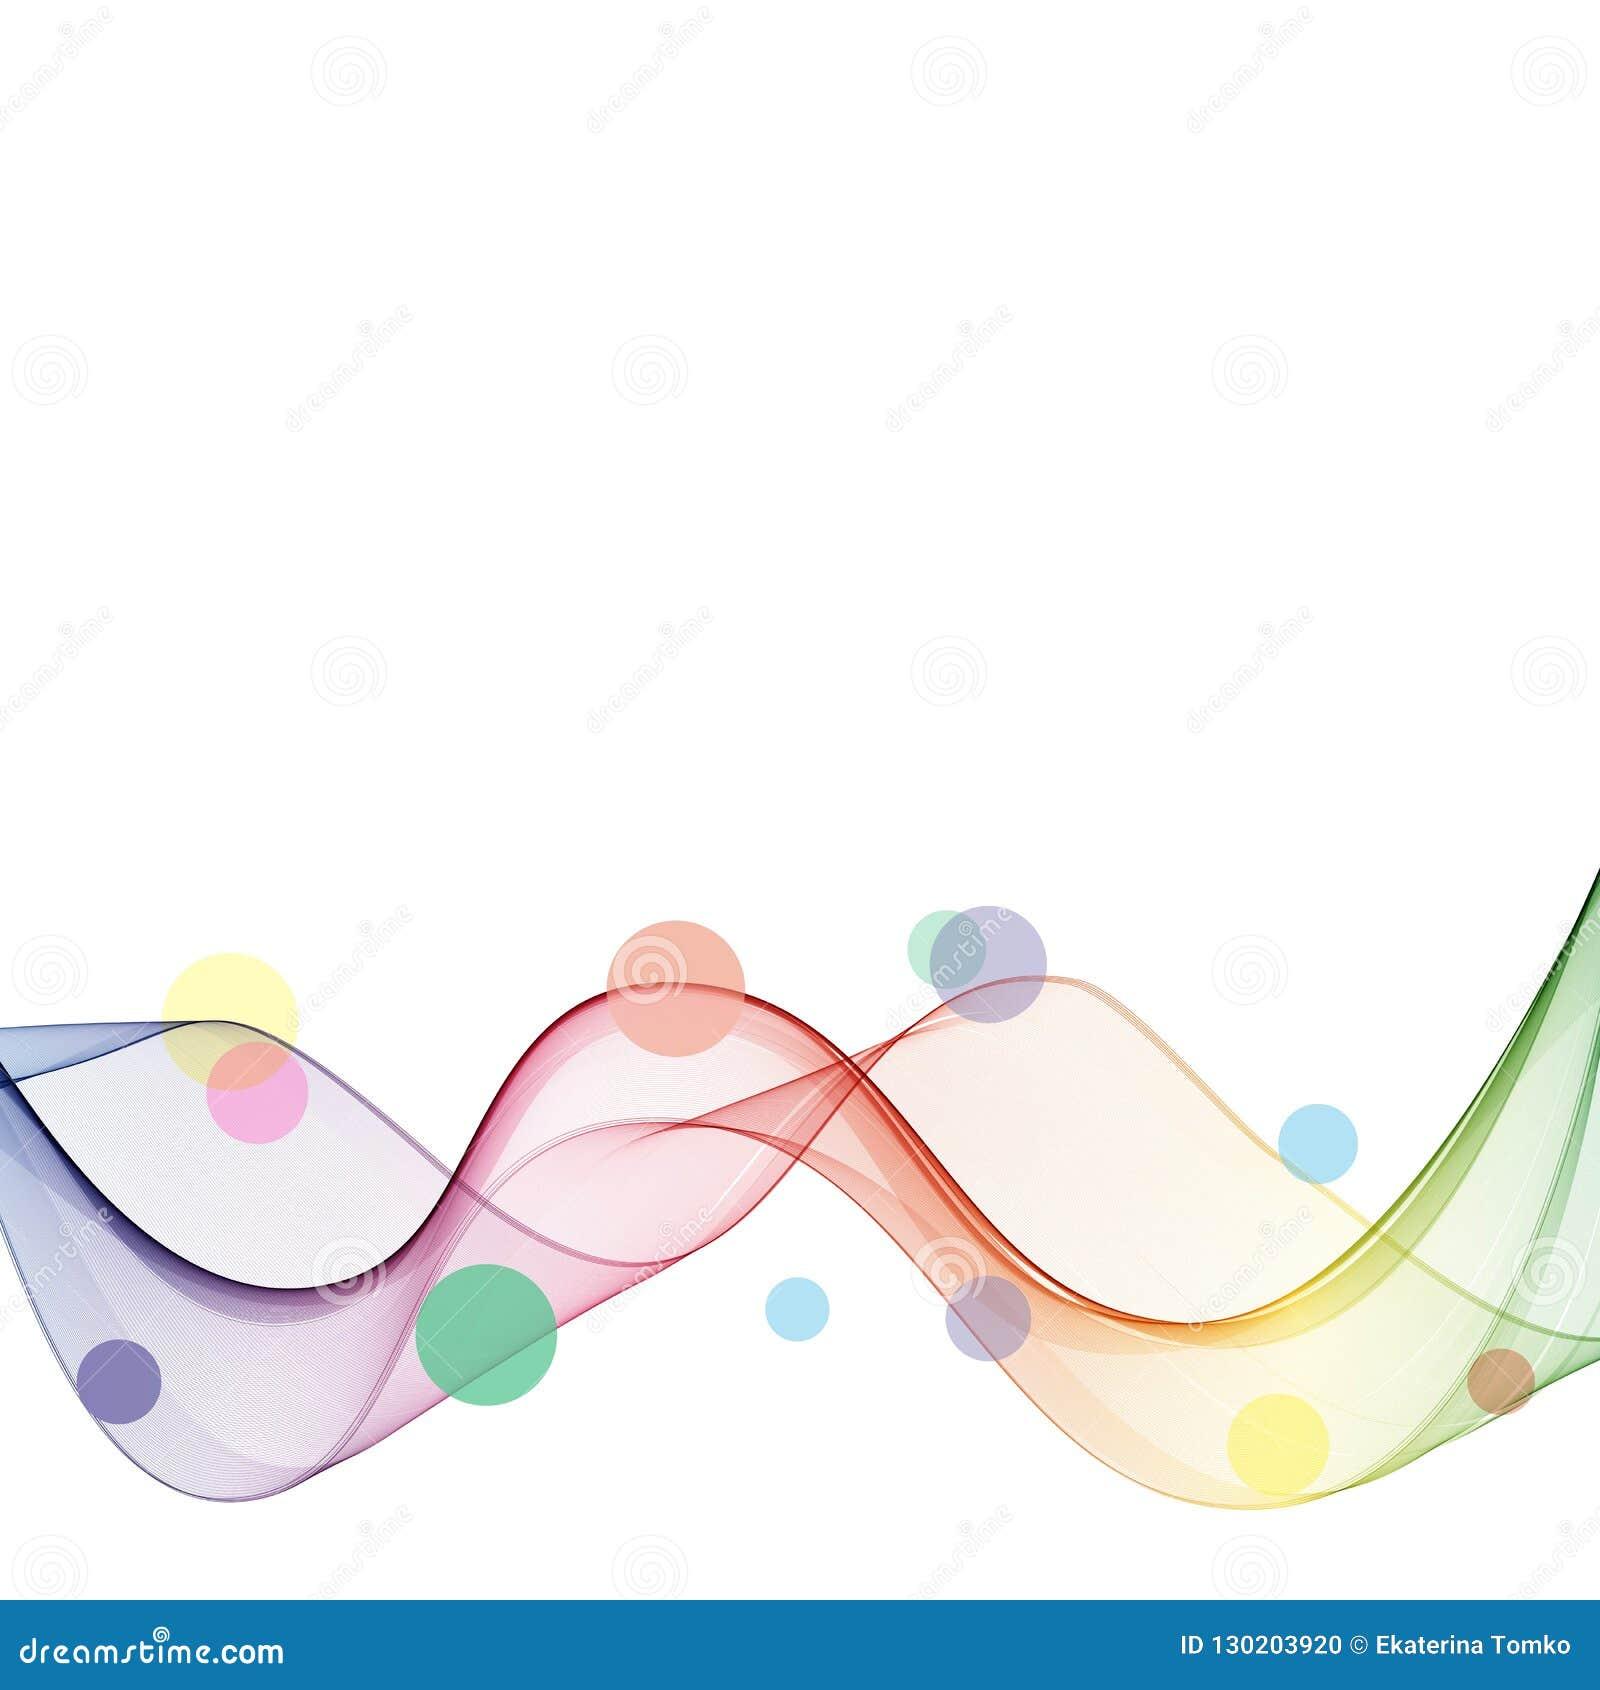 Abstrakt bakgrund för vågvektorn, den vinkade regnbågen fodrar för broschyren, websiten, reklambladdesign Spektrumvåg Lycka- och